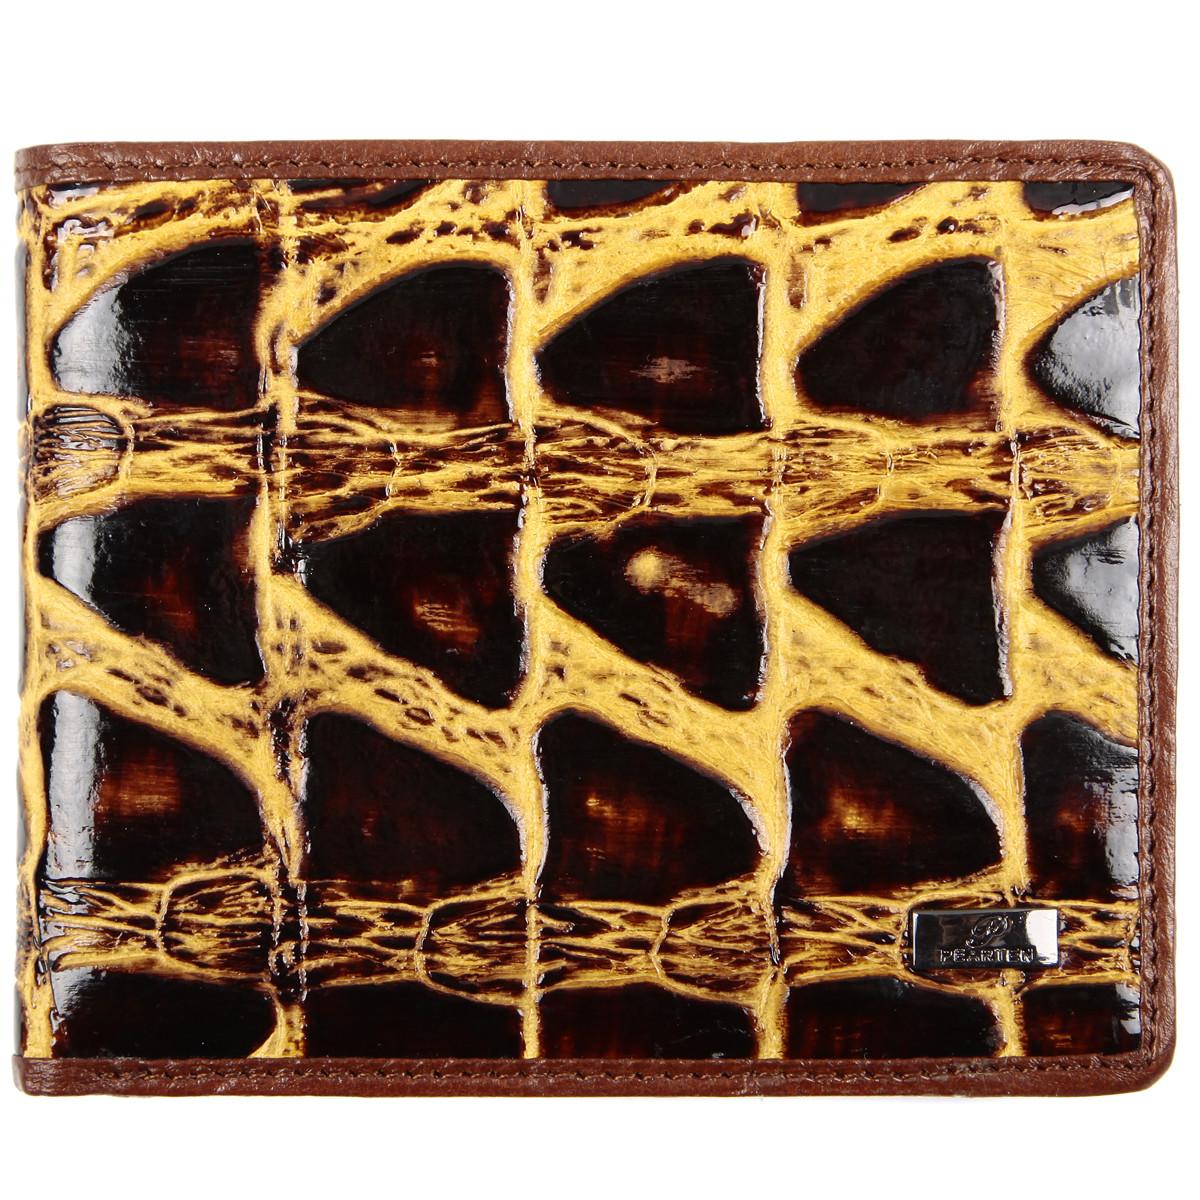 Портмоне мужское из натуральной кожи PEARTEN 120х95х20 застёжка кнопка м 1209кор